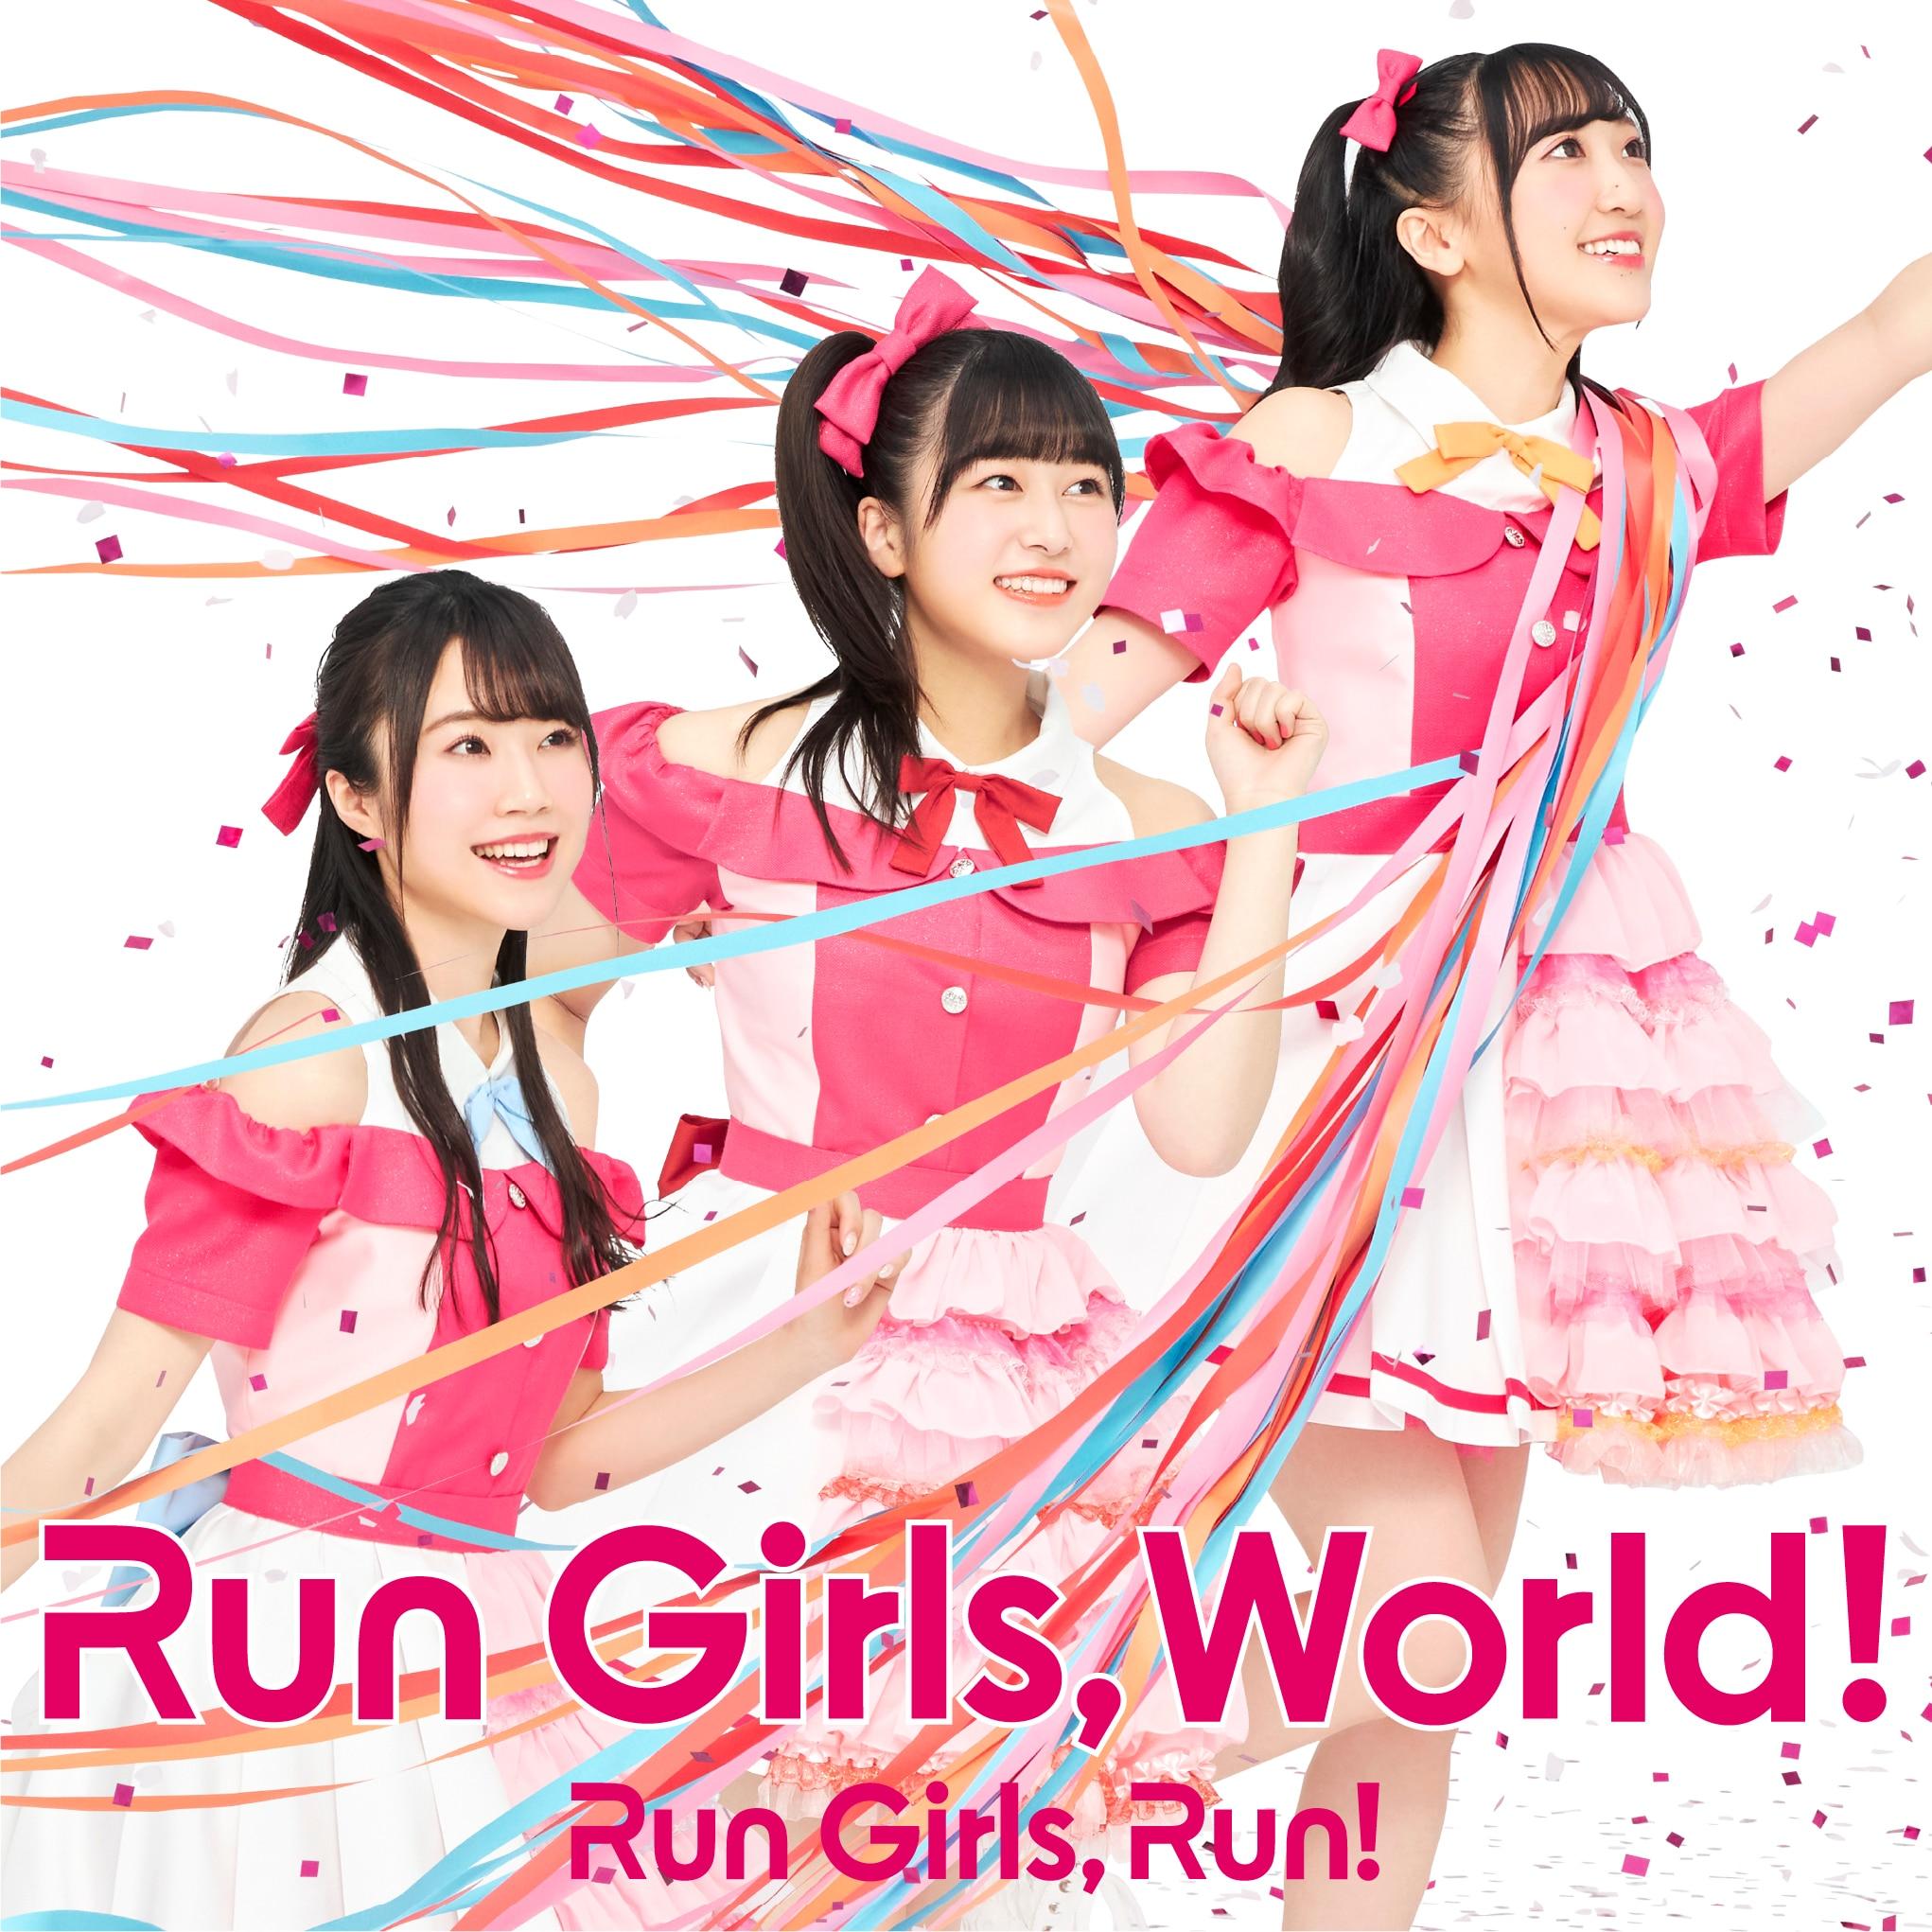 Run Girls, World!発売を記念したネットサイン会を好評につき追加実施決定!